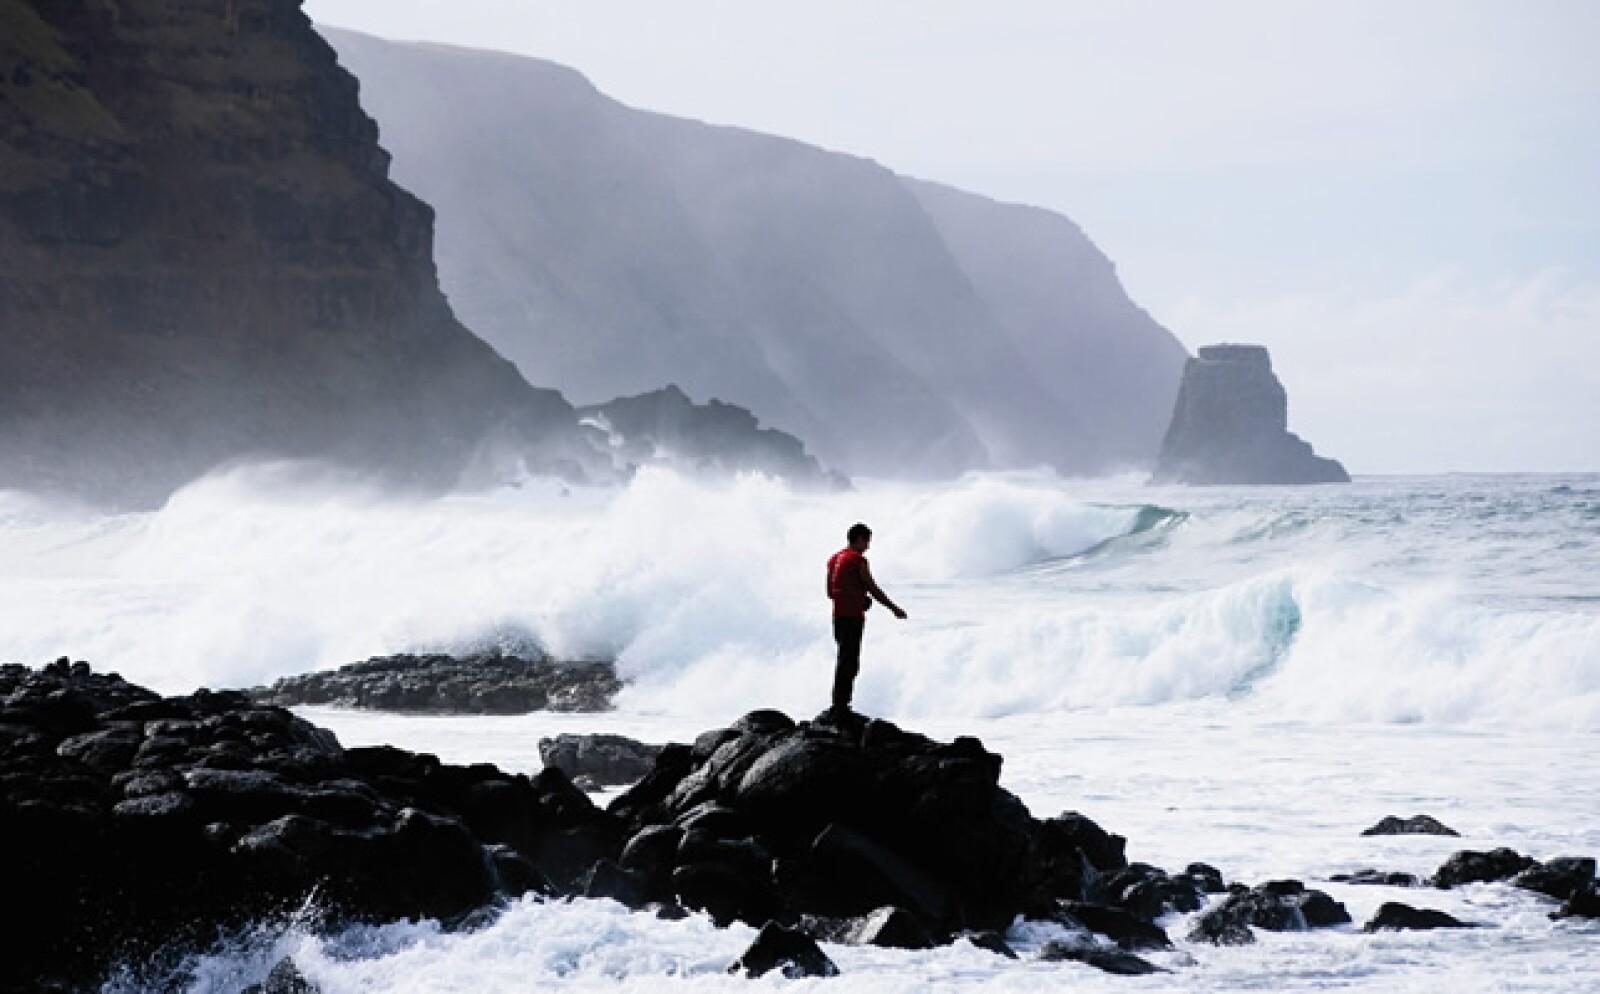 Ubicada en el Océano Pacífico, esta isla es considerada como una de las más recónditas de la Polinesia por sus impresionantes volcanes vírgenes y desde 1995, es considerada Patrimonio de la Humanidad por la UNESCO.